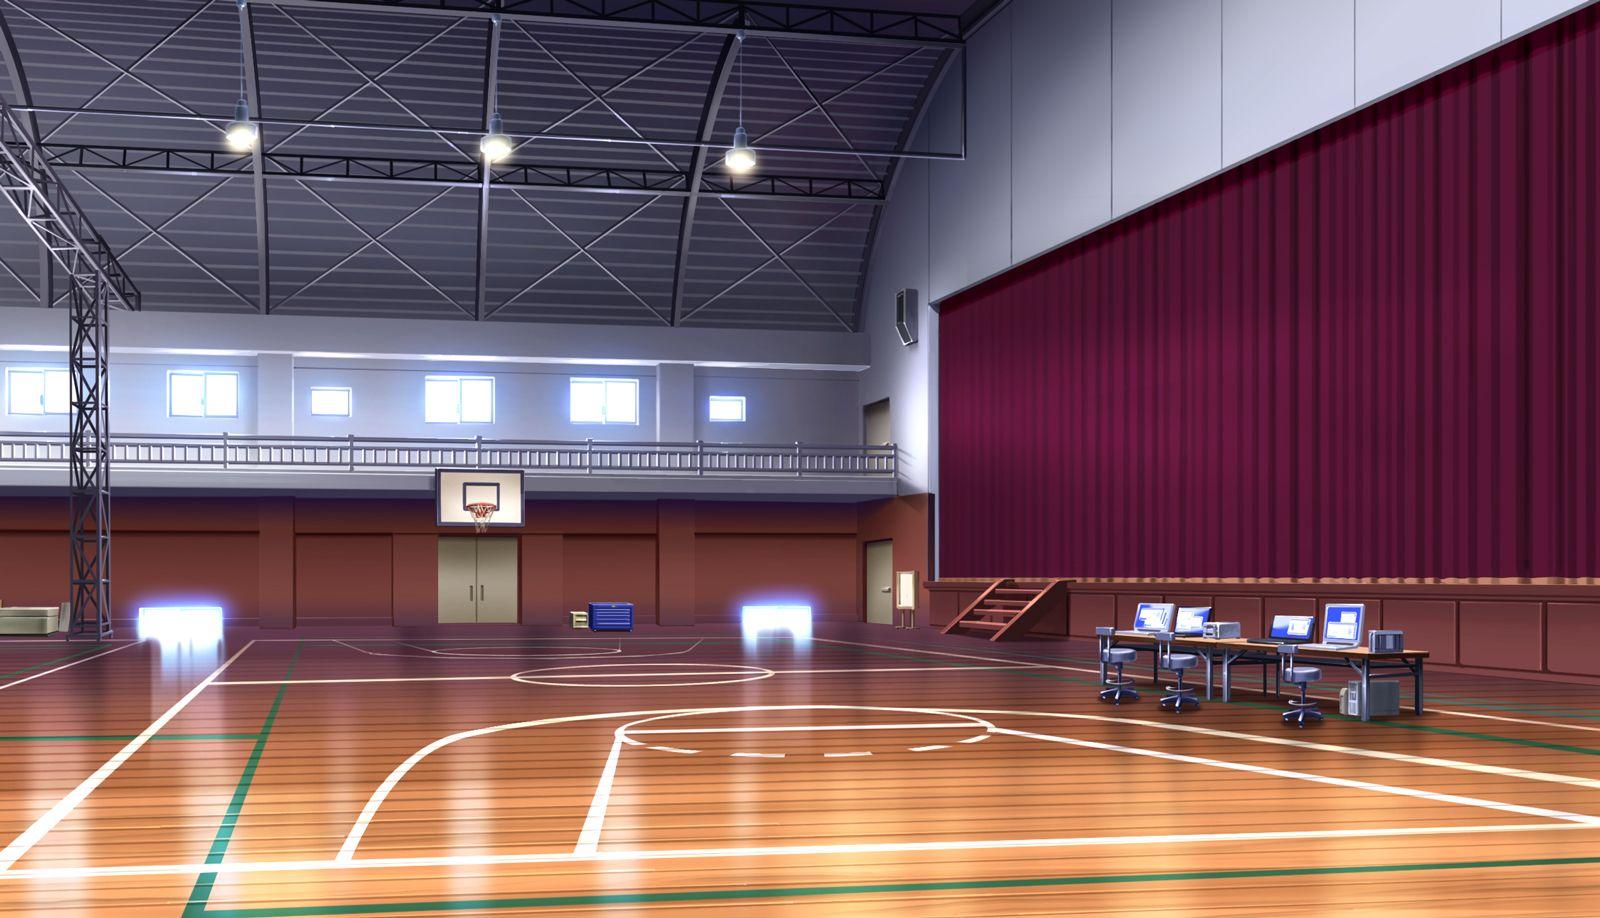 School Anime Scenery Background Wallpaper Cenario Anime Fundo De Animacao Cenario Para Videos